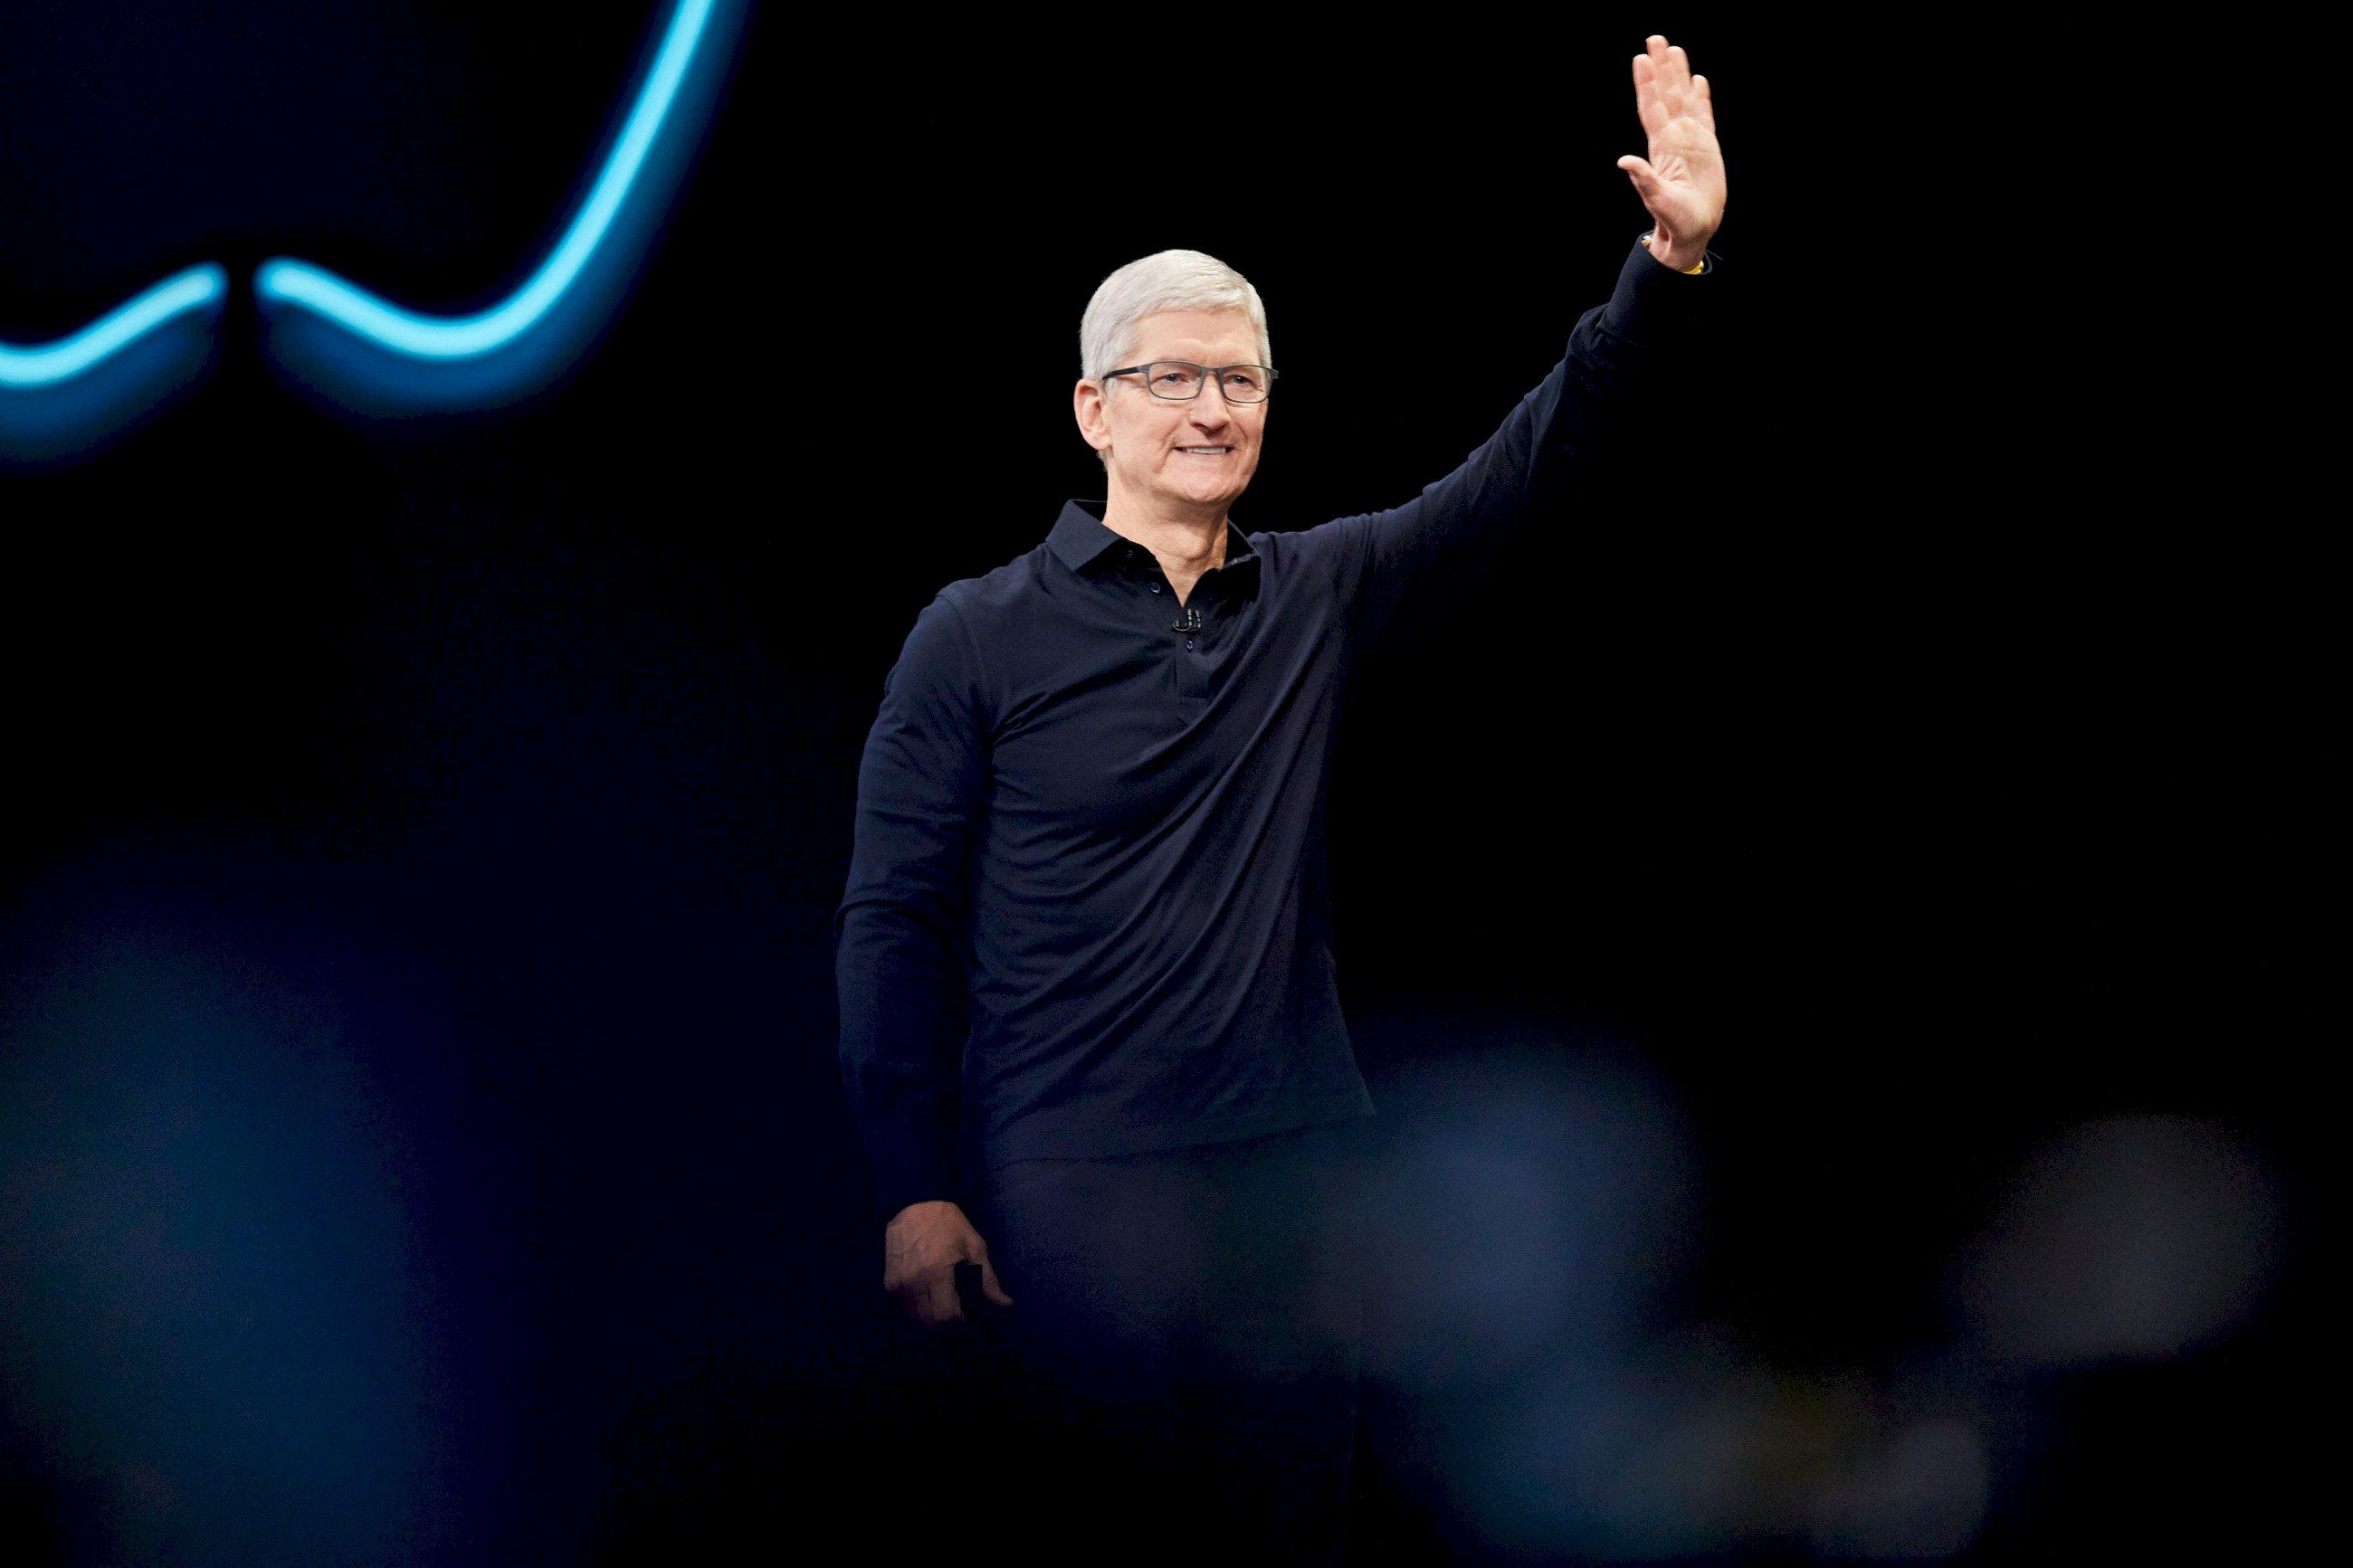 El consejero de Apple, Tim Cook, da la bienvenida a los asistentes de la WWDC 2019. Fotografía: Apple